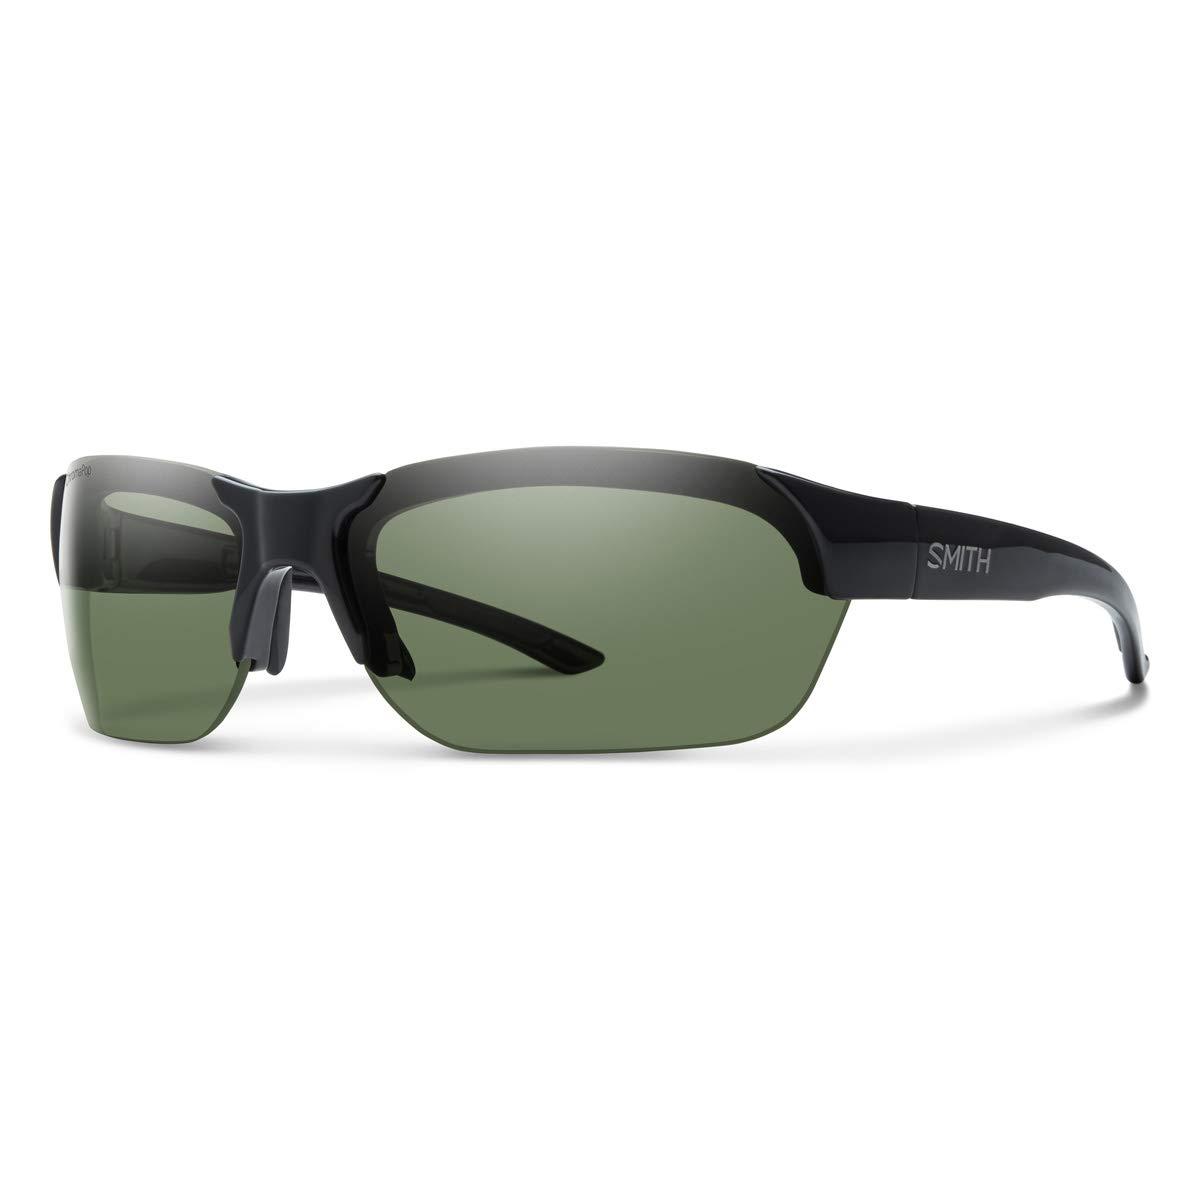 最適な価格 Smith Optics Smith Optics ブラック メンズ B01KPWCDD4 ブラック ブラック 37. ミリメートル, ファーネット:0c8cf911 --- senas.4x4.lt